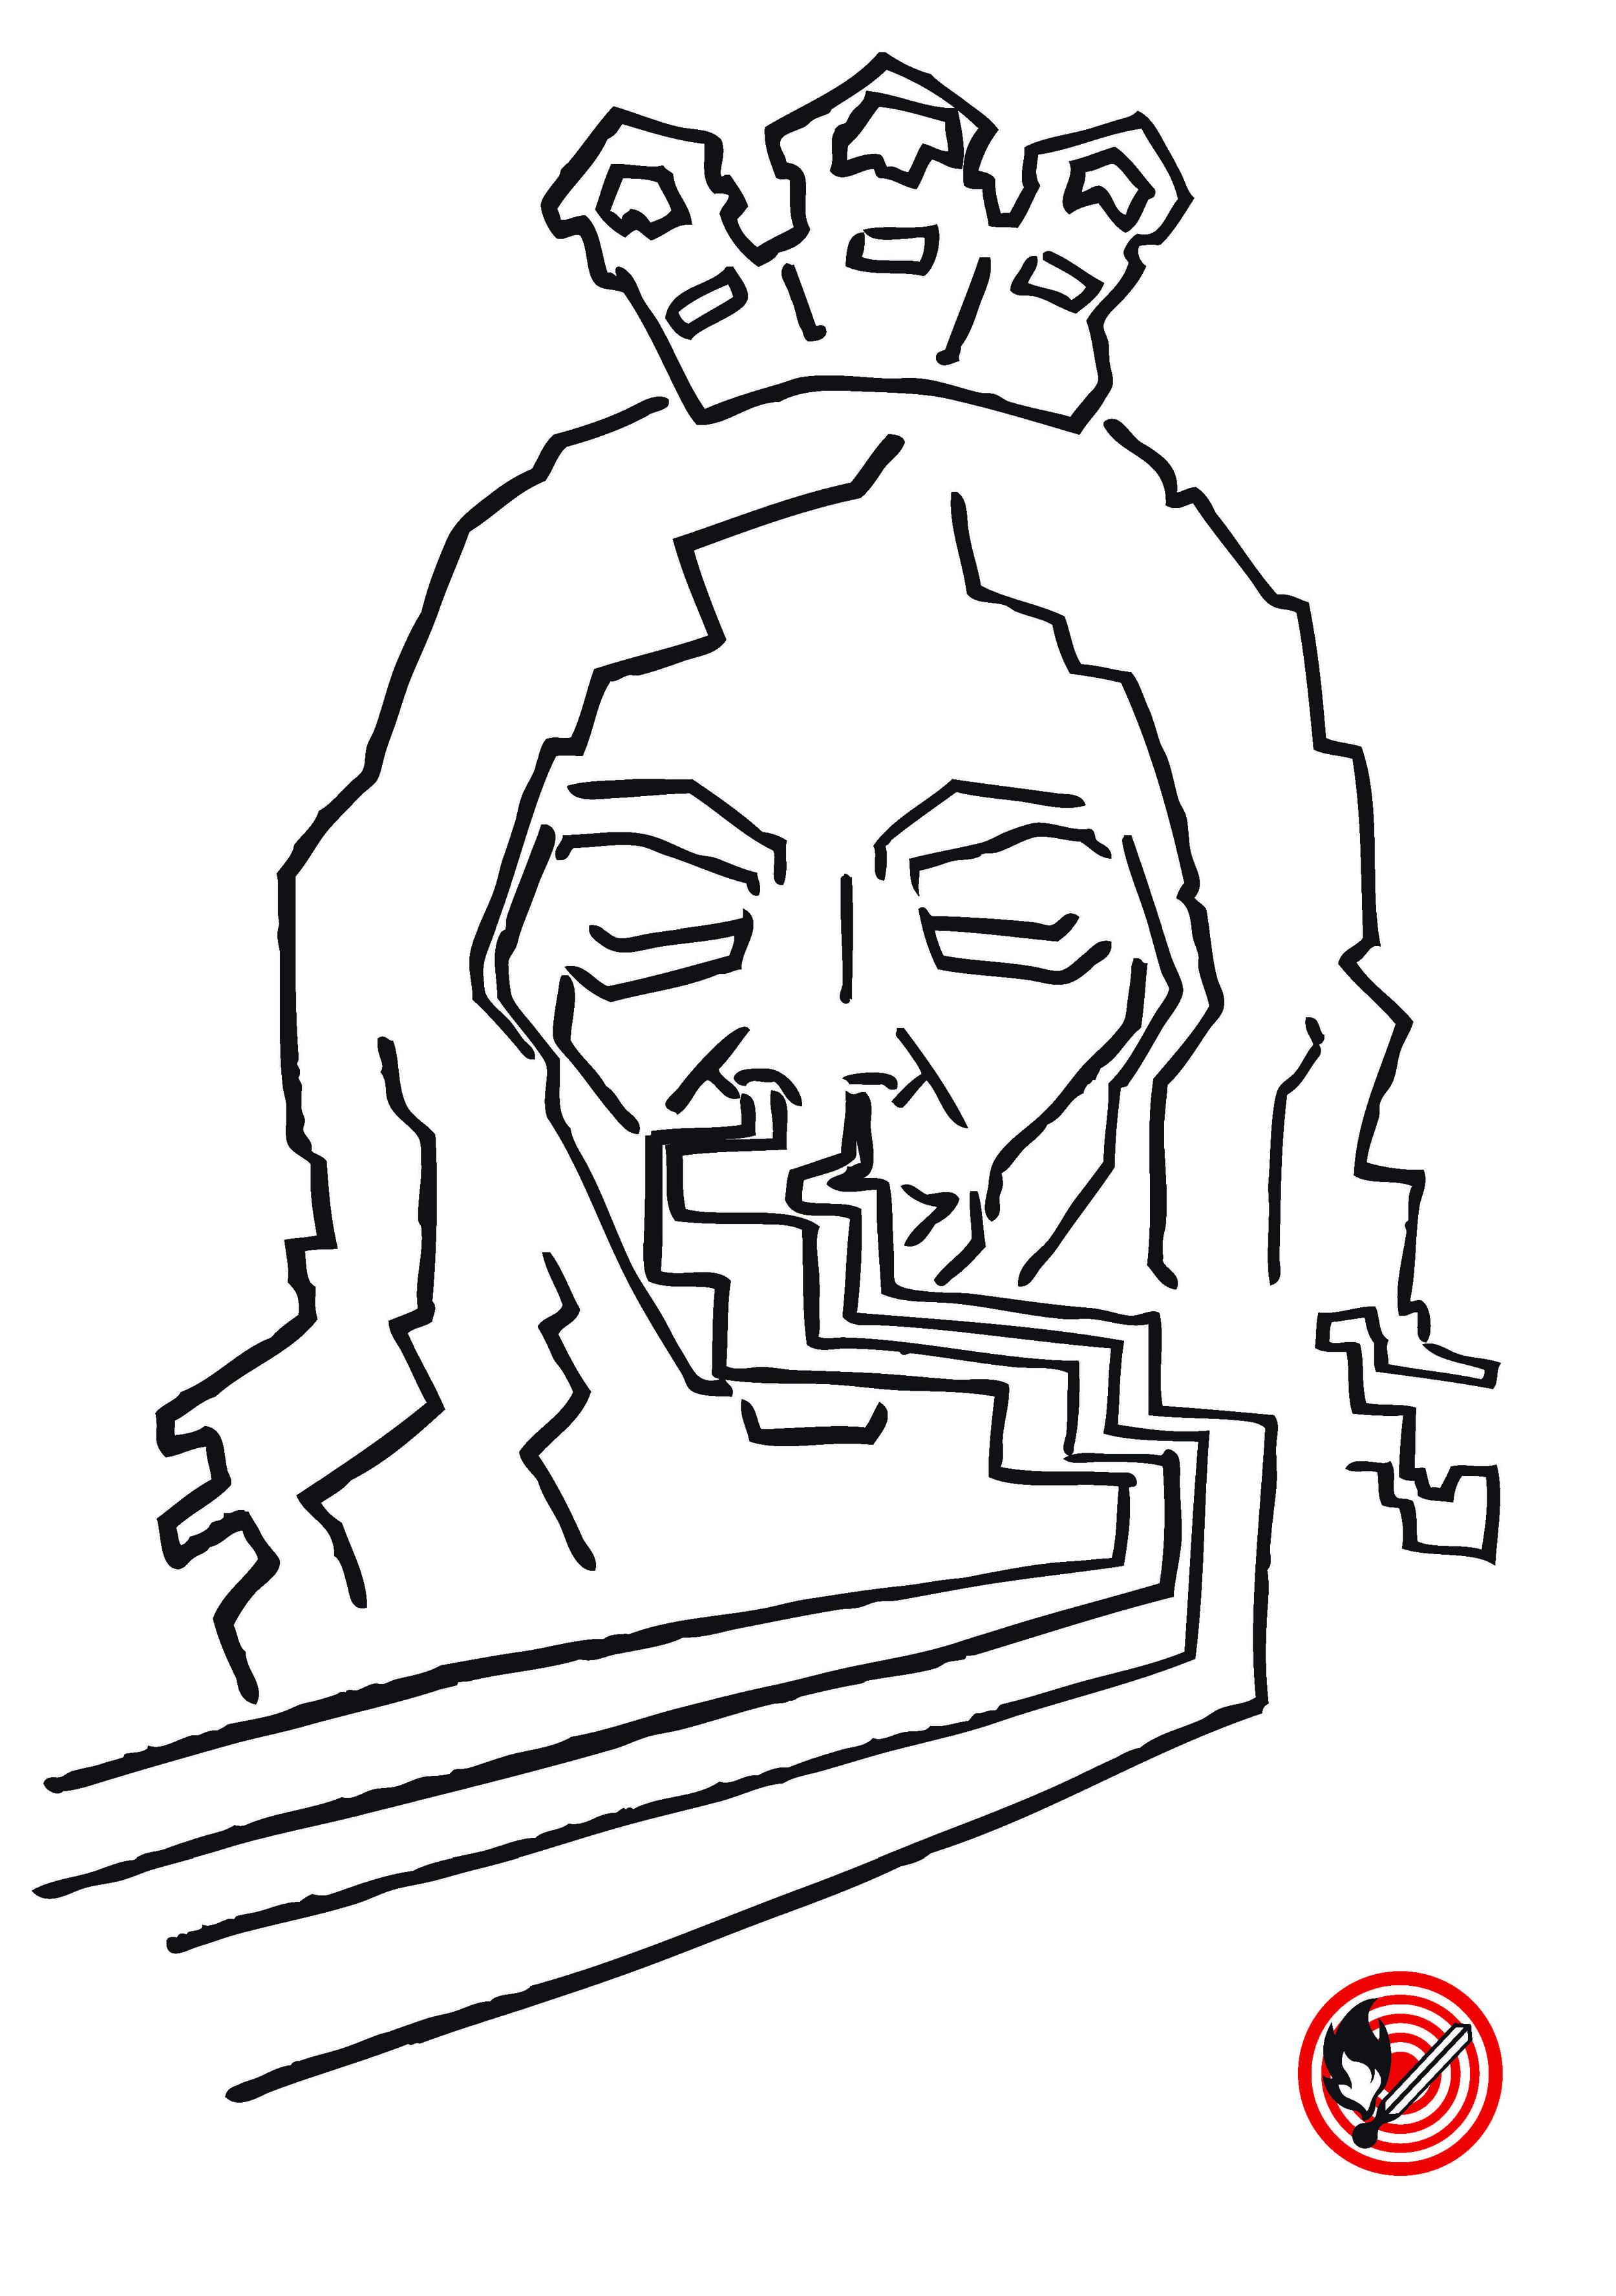 D Kate Moss, die Drooge-Queen, nimmt schyyns vom Fyynschtaub vyyl und d Nase voll,   Wäg däm Skandal um Kokain isch s Image mies und nümm so toll.   Uff dr Suechi nach me Job isch si in Basel jetzt uffgrützt,   Und hett begeischderet am Sunntig do dr Schnee wäggschnützt.